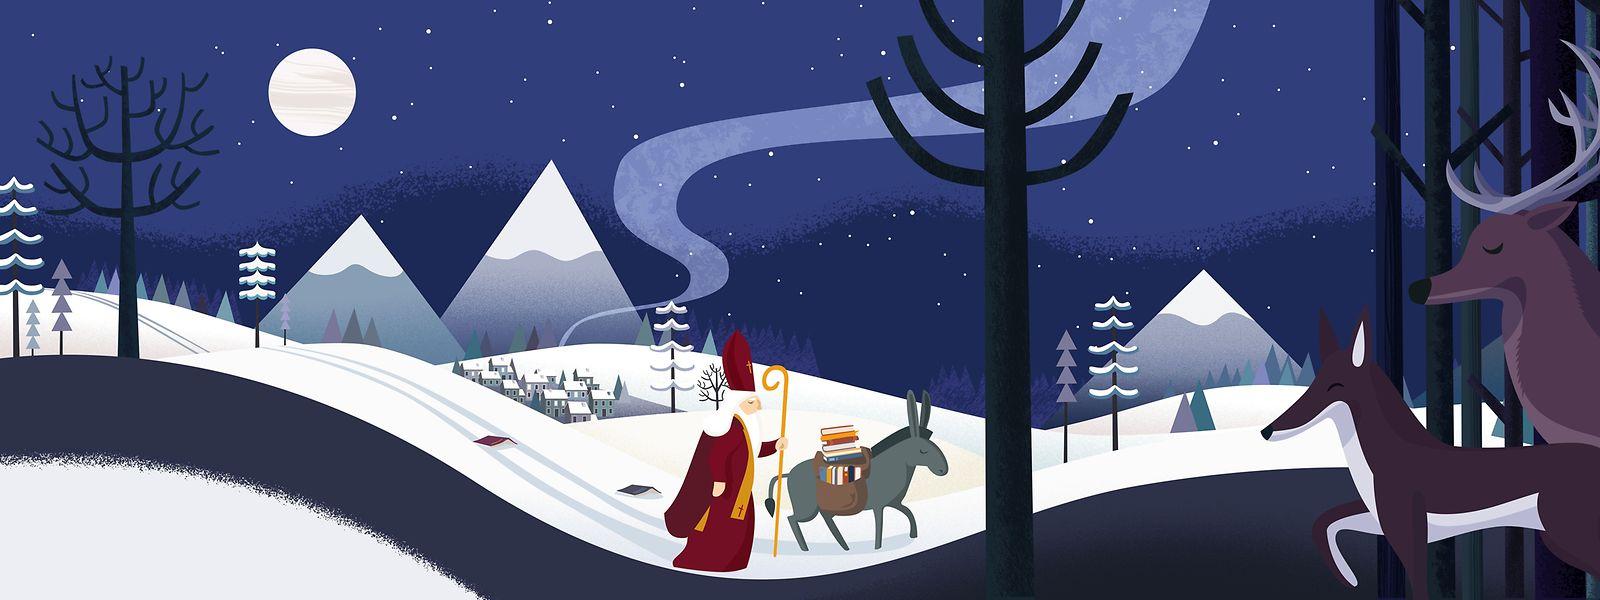 Noch zweimal schlafen, dann hat der heilige Mann seinen großen Auftritt. Der Nikolaus zieht durchs Land und die Kinder jauchzen.